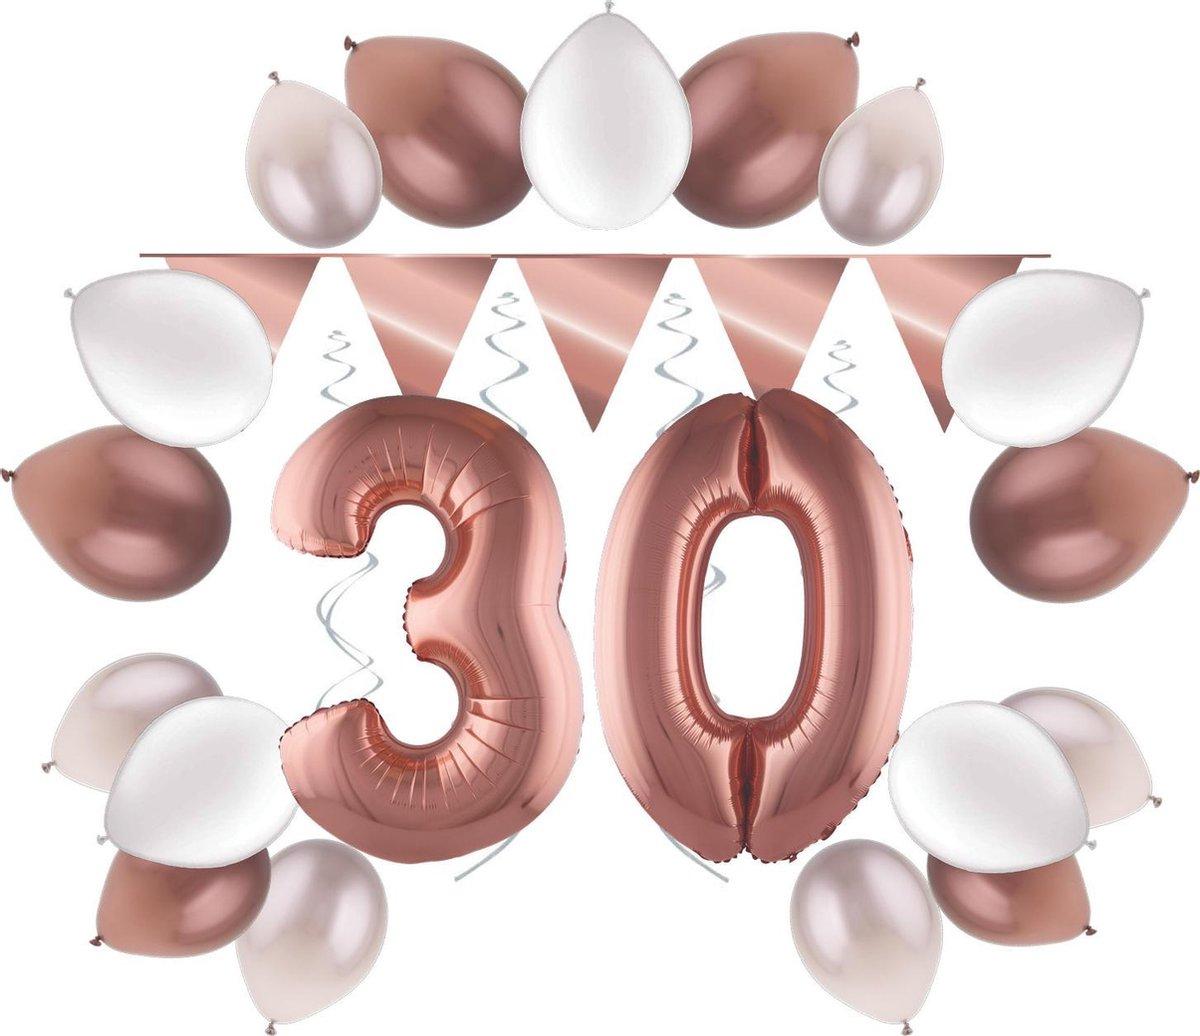 e-Carnavalskleding.nl Feestversiering pakket rosé 30 jaar   Versiering 30e verjaardag   30 jaar feestversiering pakket rosé compleet   Leuk pakket rosé met feestartikelen voor de 30e verjaardag Small